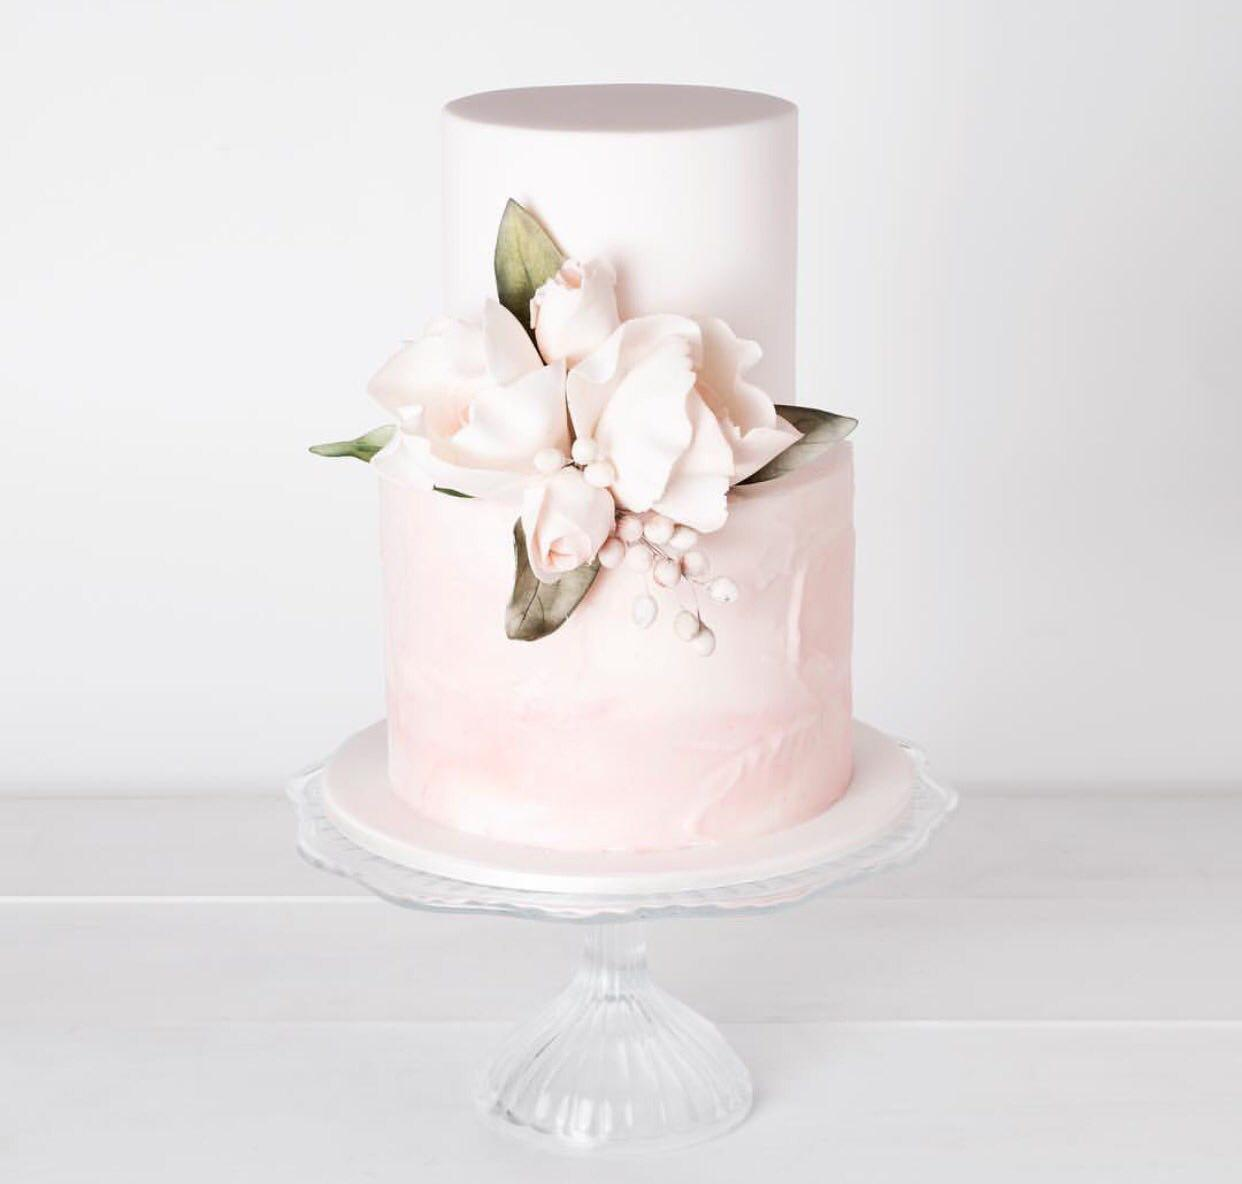 کیک مخصوص عروسی، طراحی کیک و شیرینی وانیلا